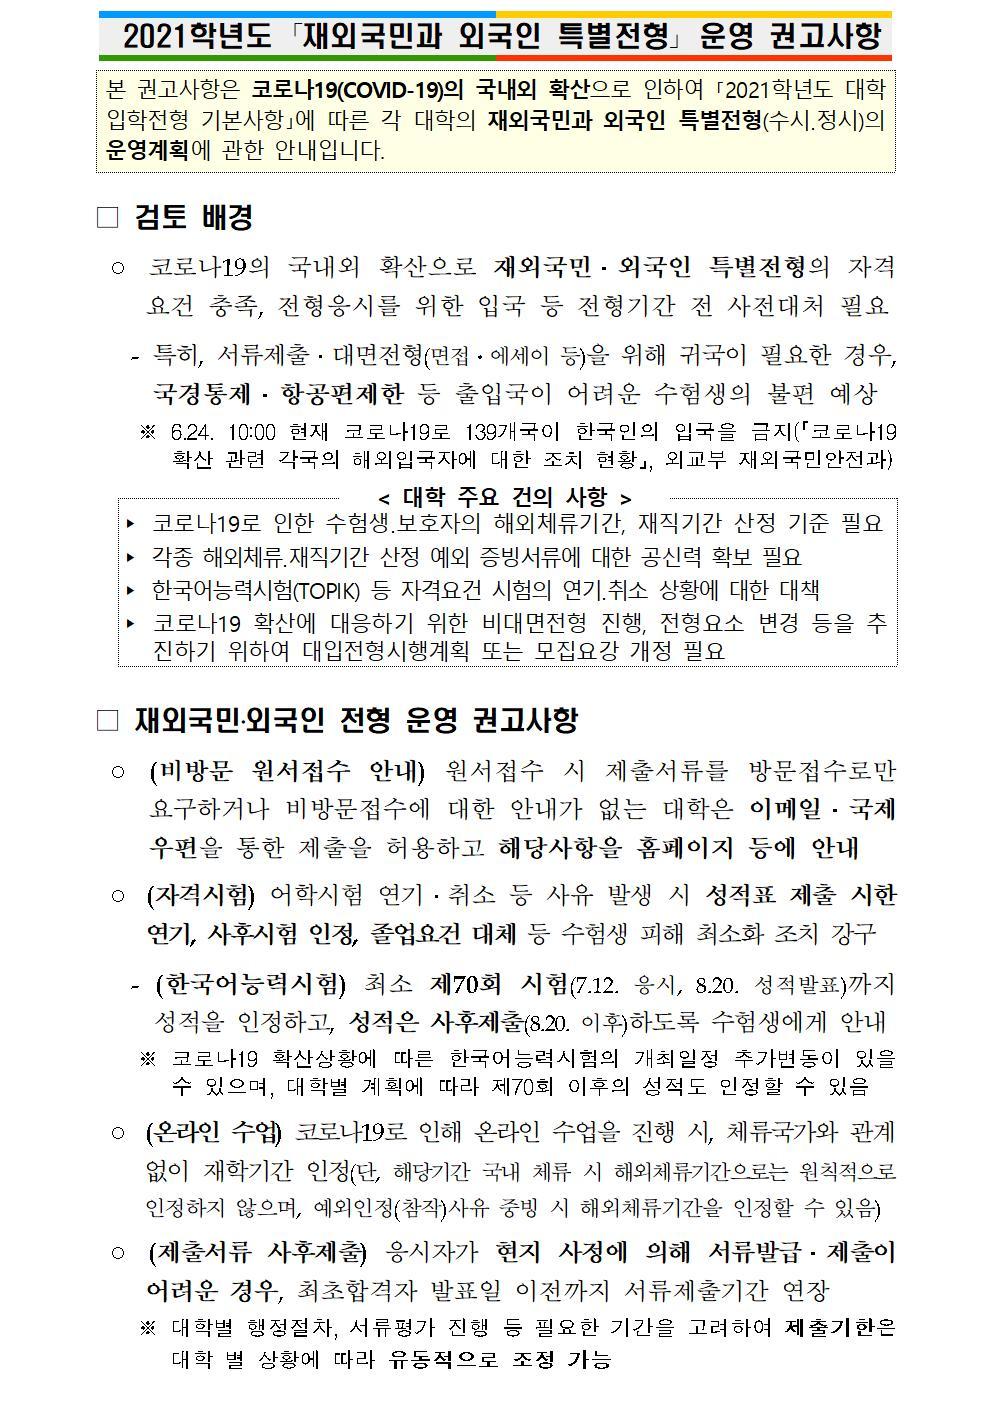 [붙임]2021학년도 재외국민과 외국인 특별전형 운영 권고사항001.jpg